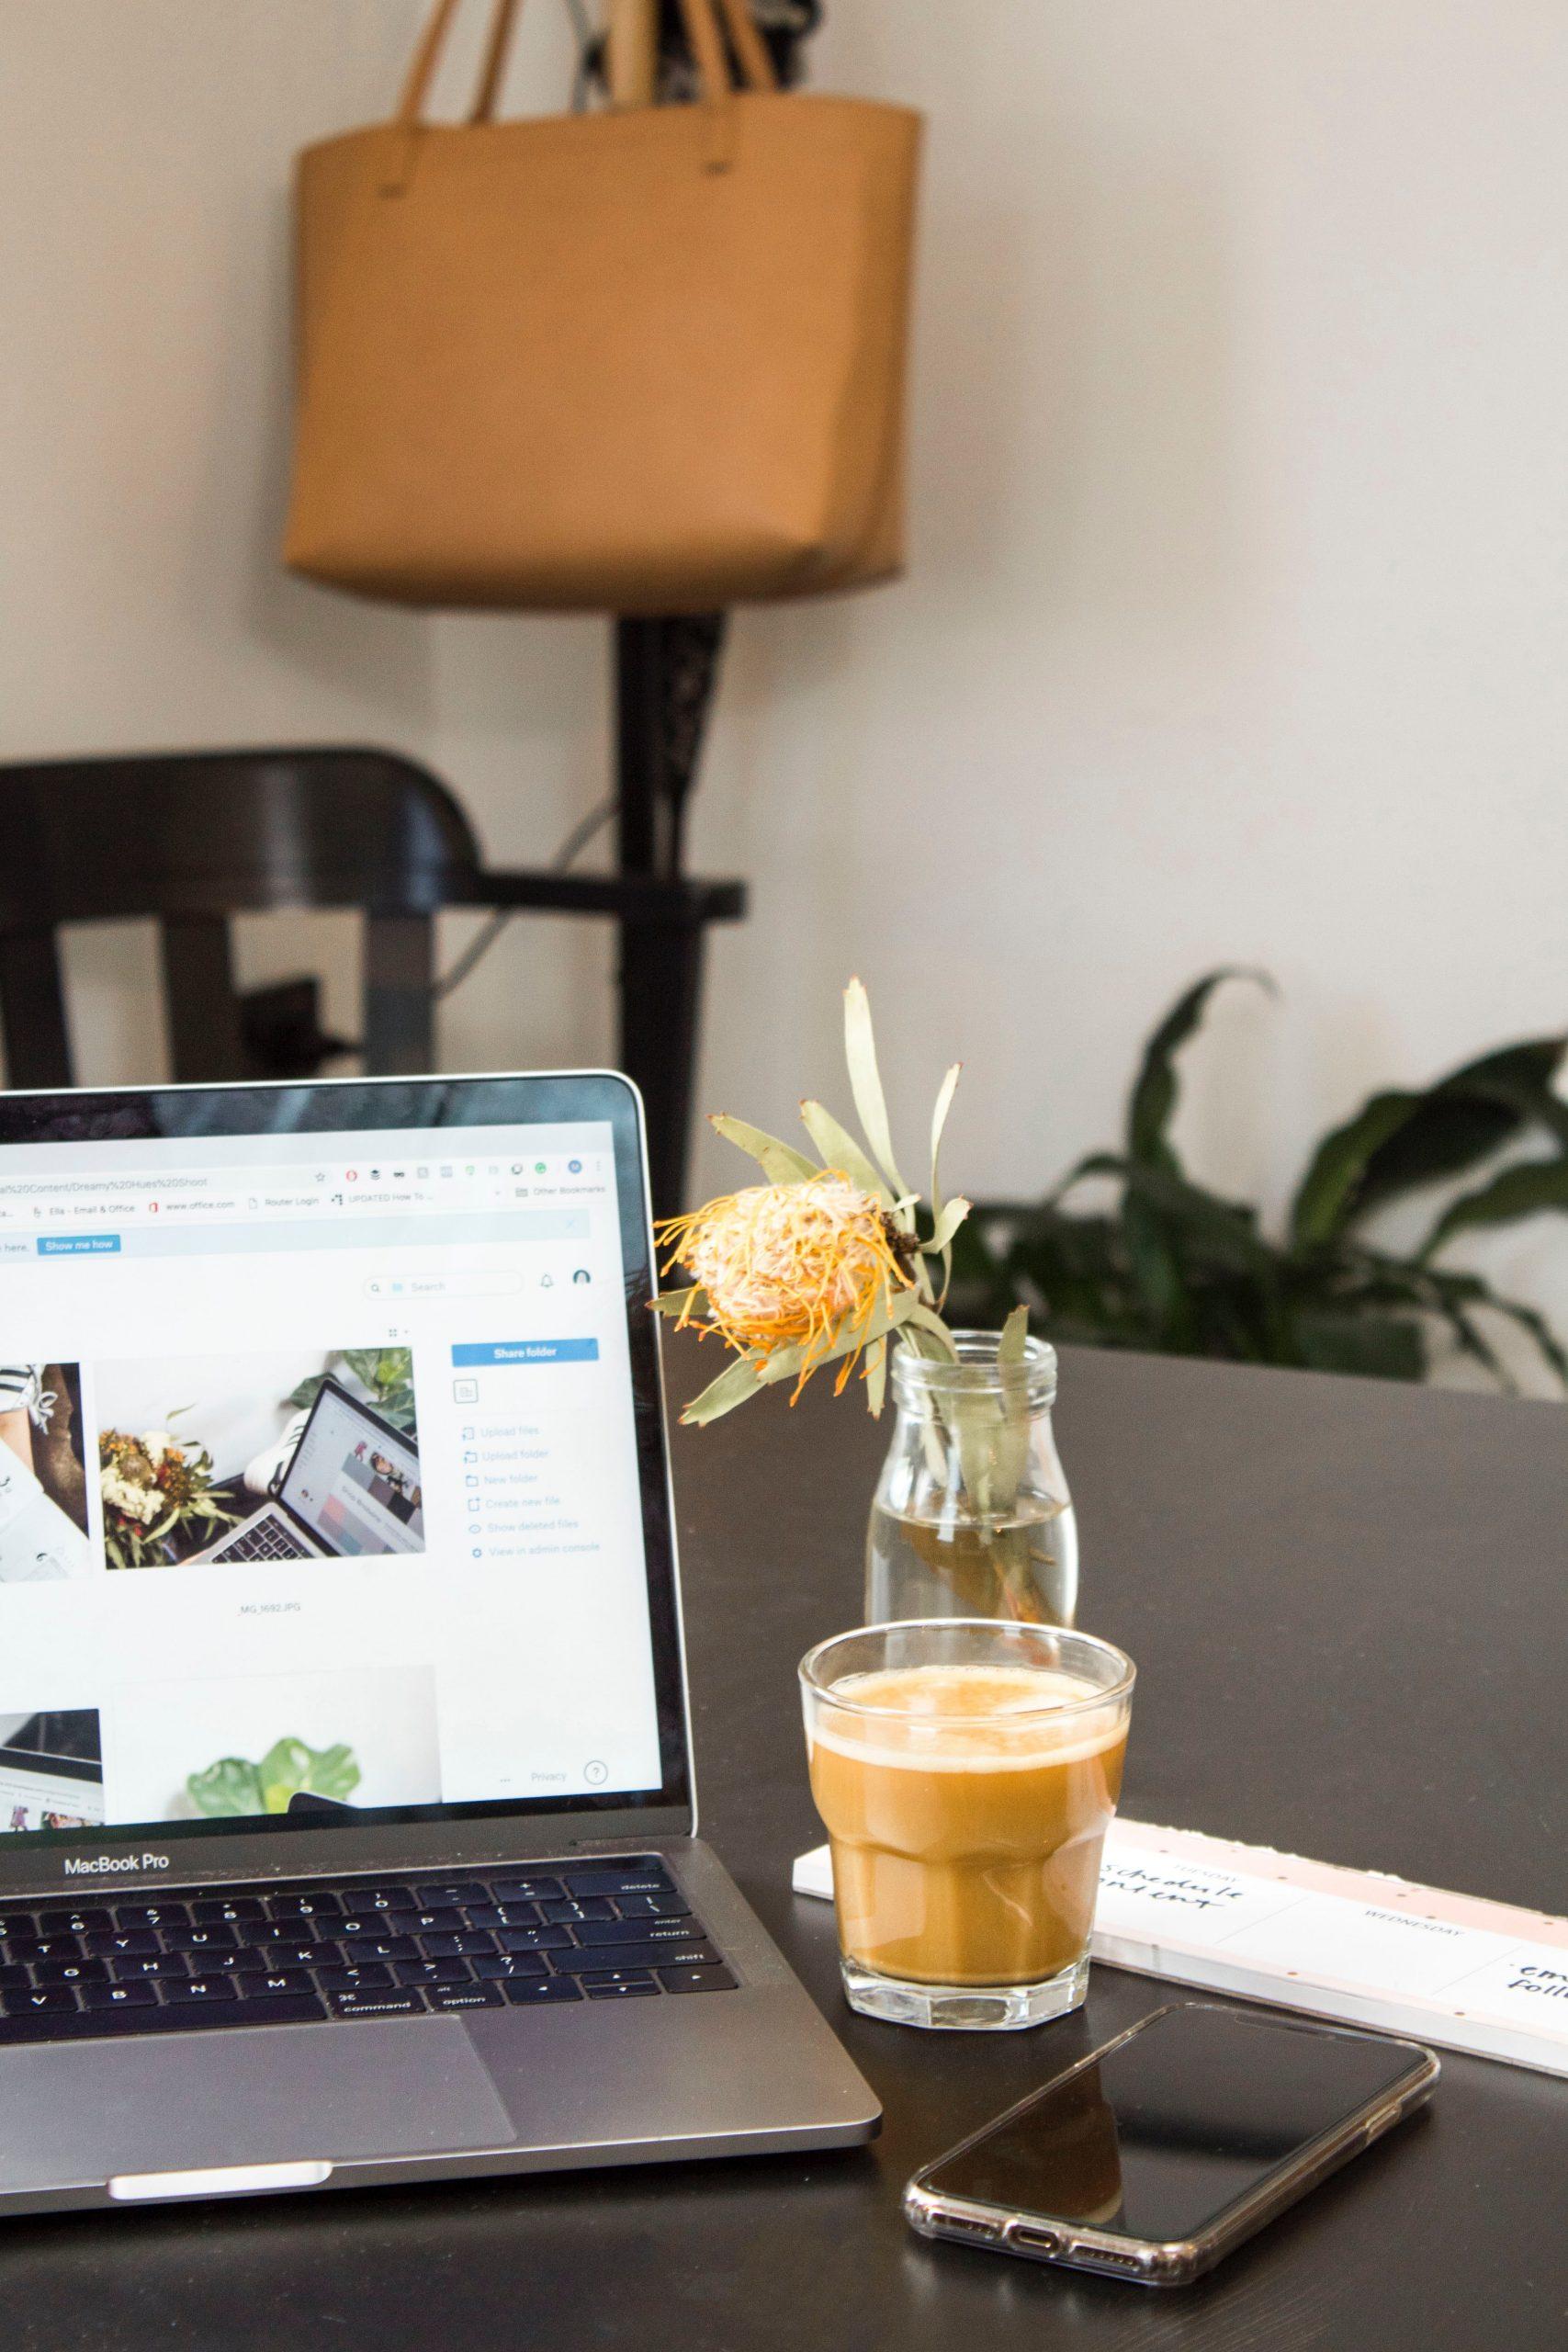 Ako sme klientovi automatizovali optimalizáciu WooCommerce podstránok a zlepšili SEO, aj prehľadnosť webu